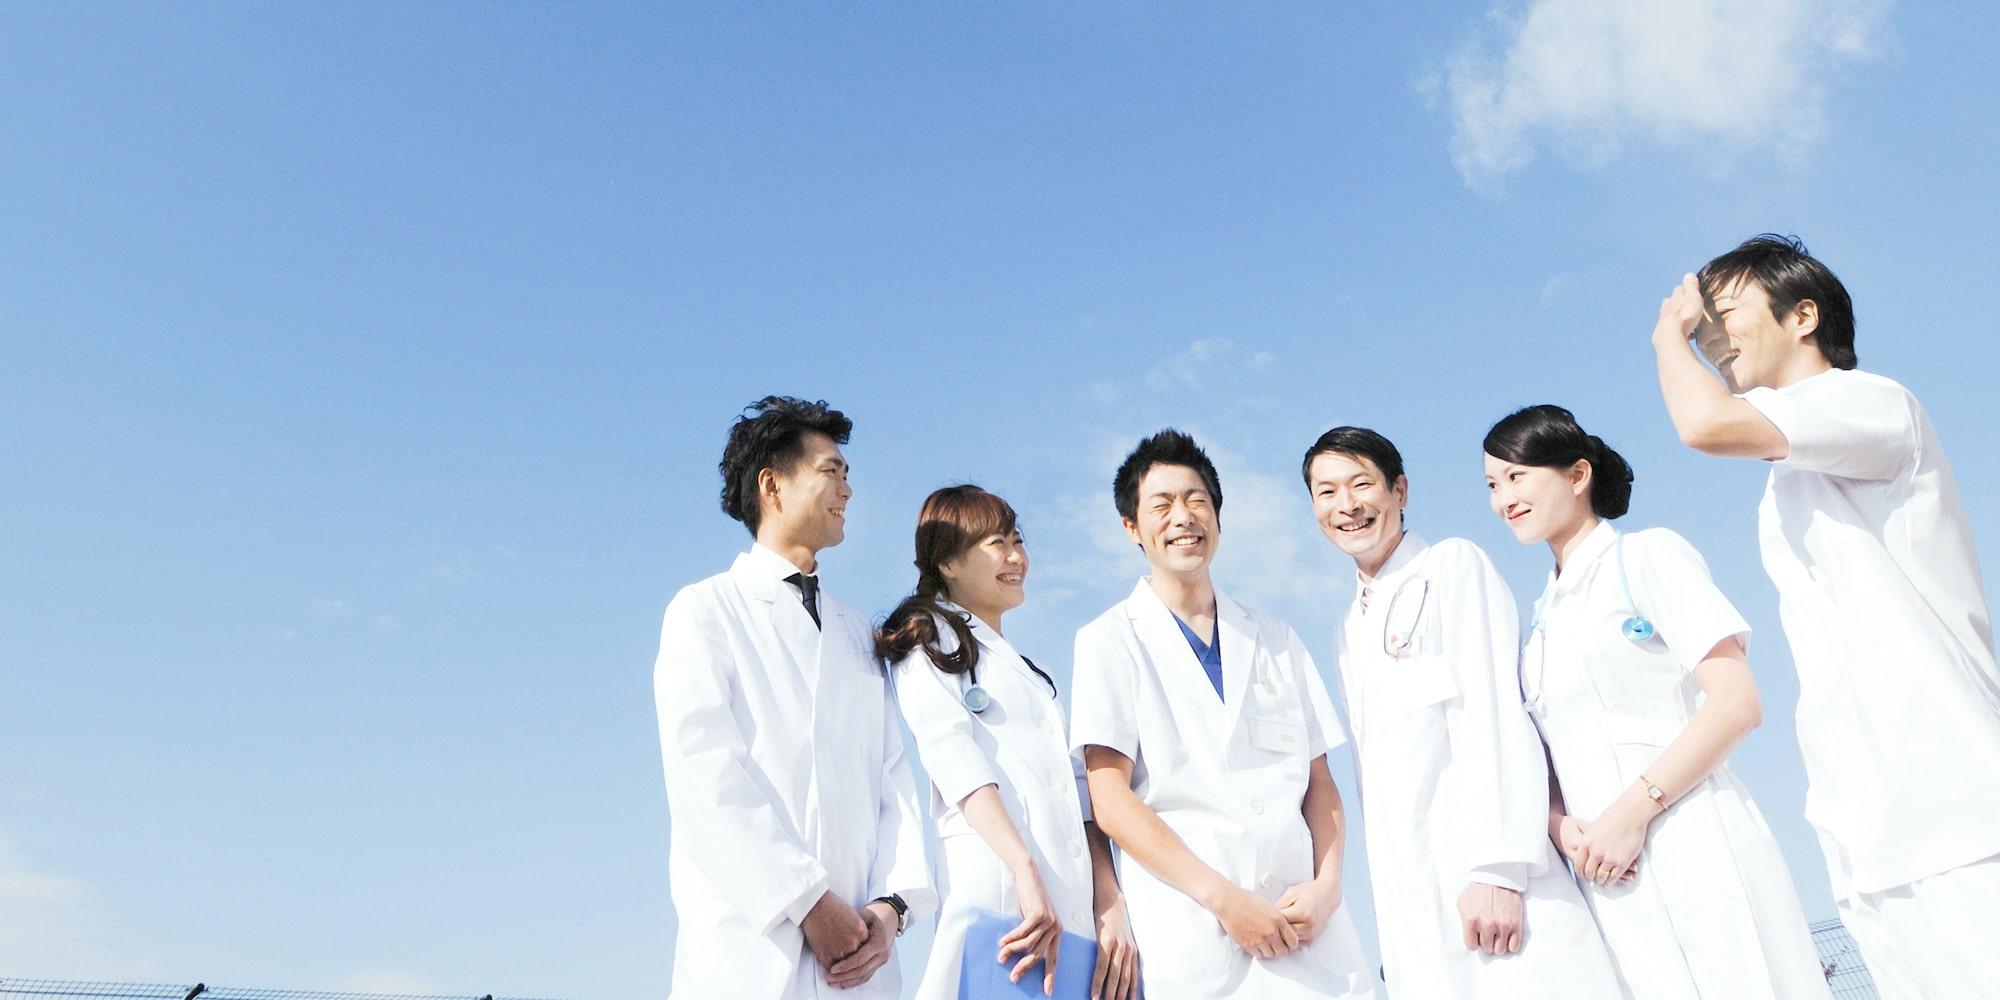 一般財団法人日本医療推進財団